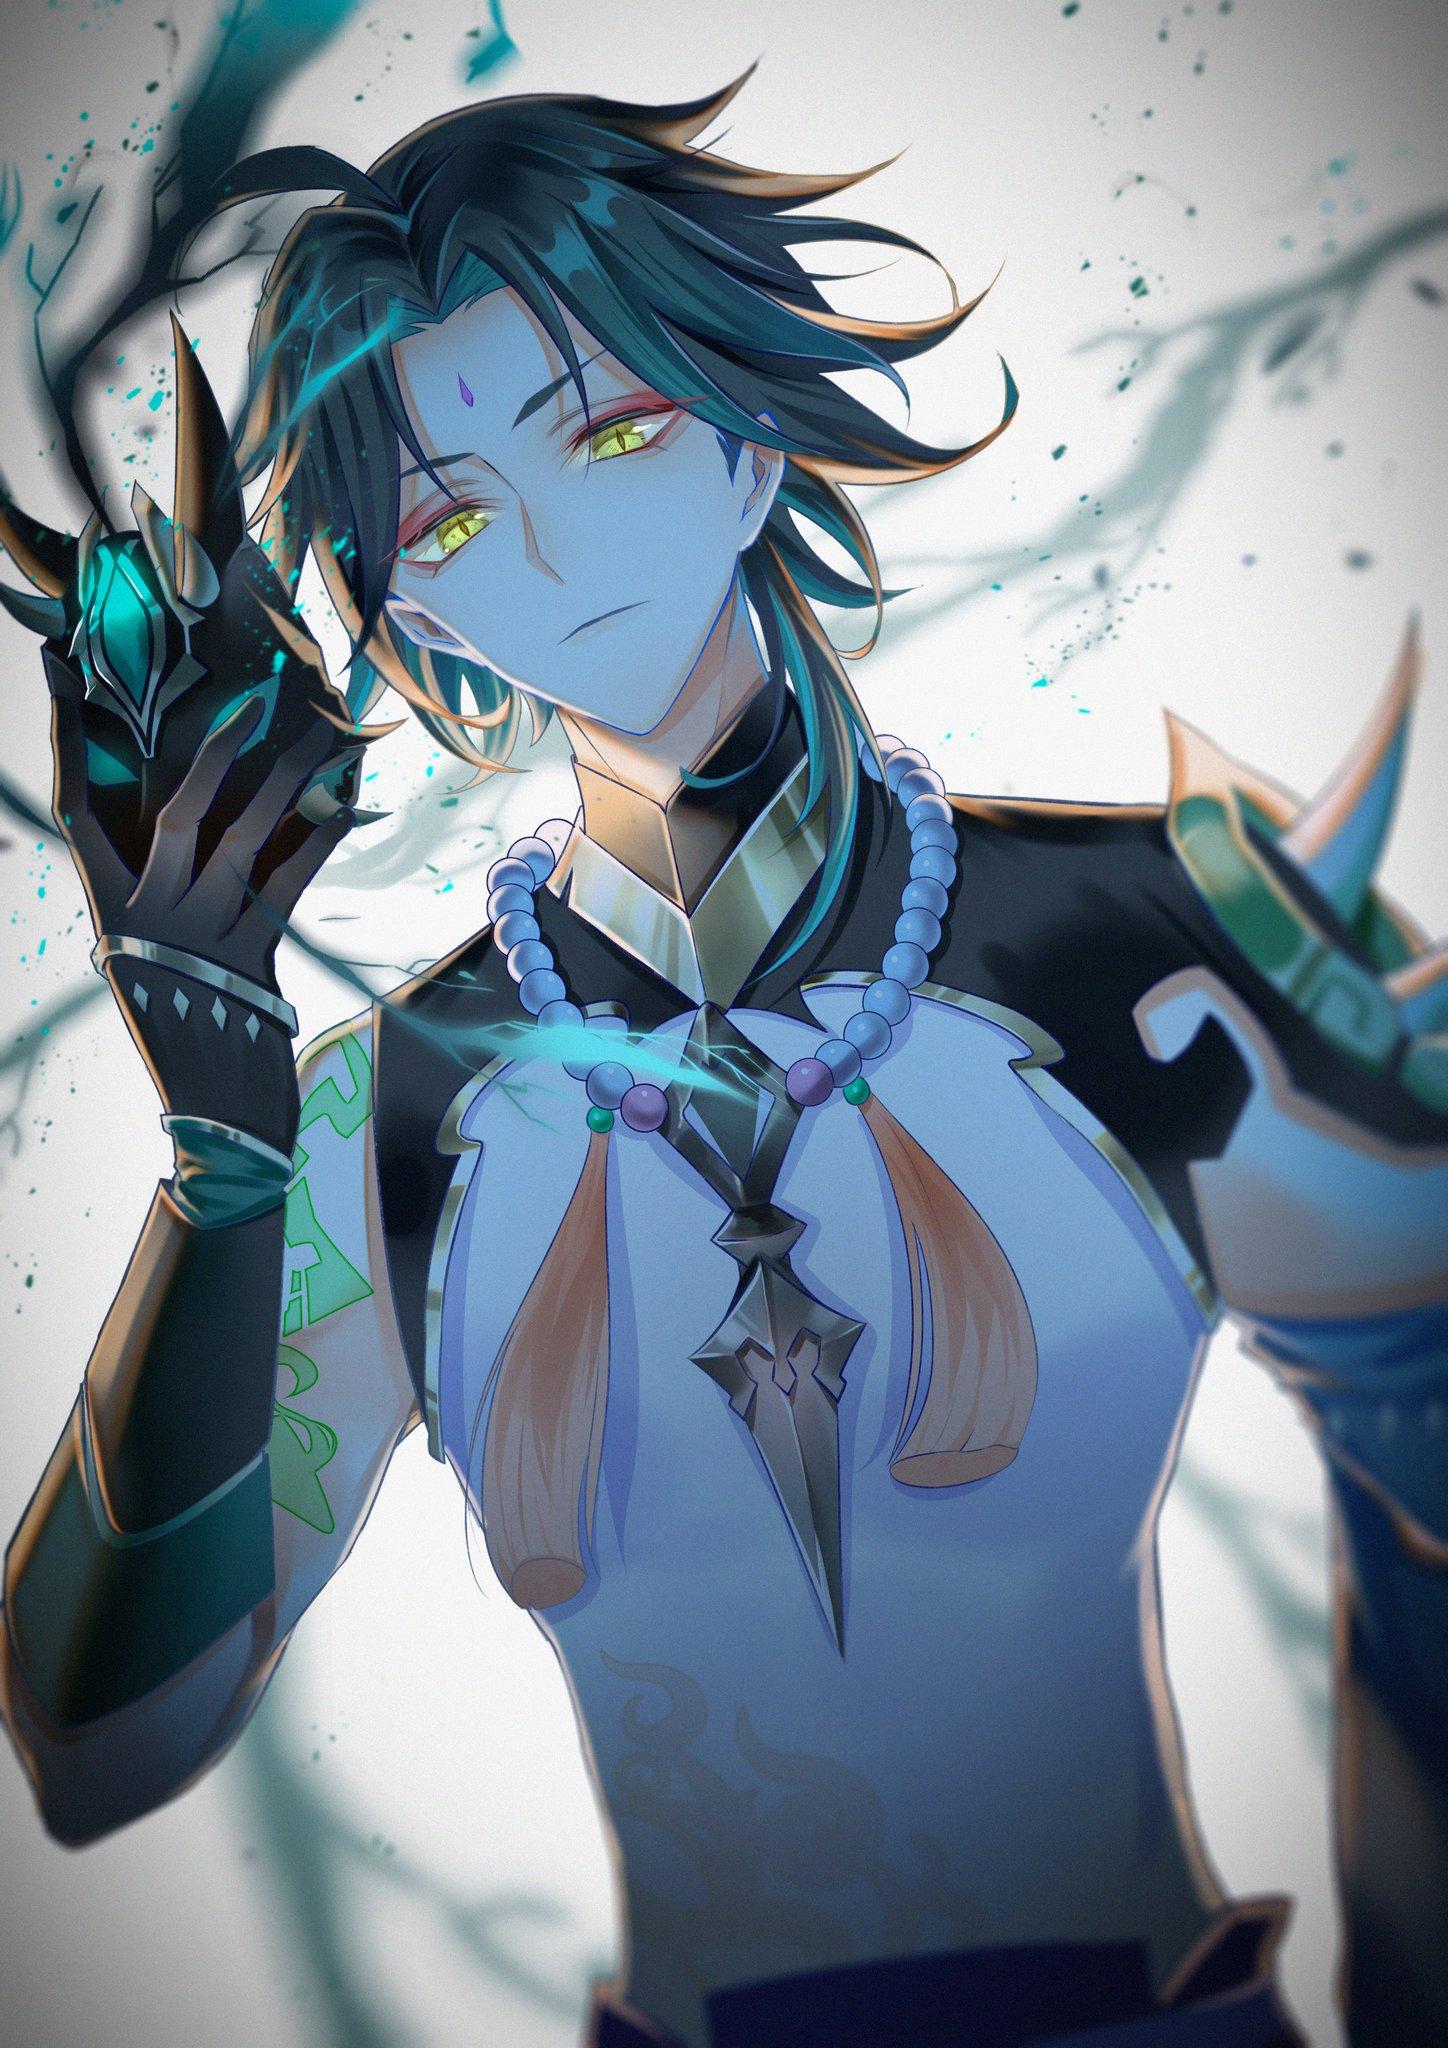 Xiao (Genshin Impact) Image #3115253 - Zerochan Anime Image Board